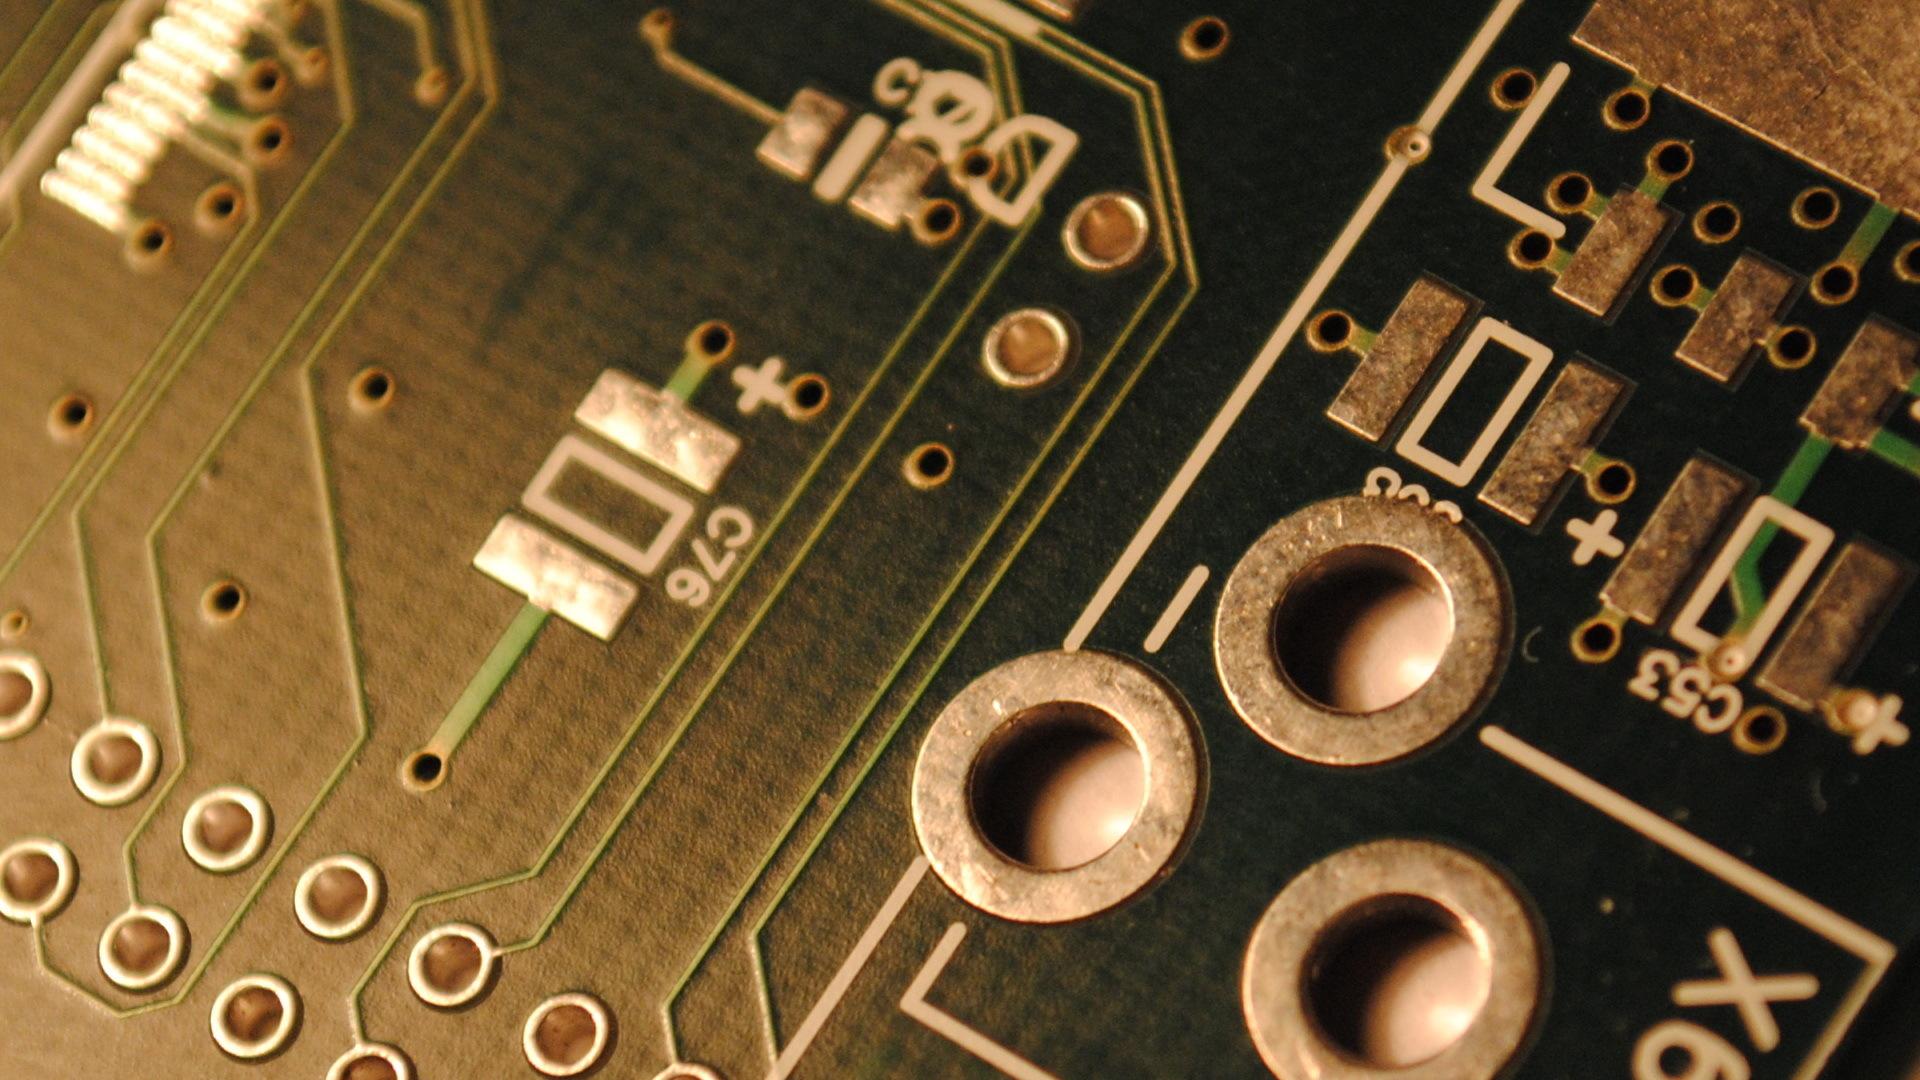 circuit board wallpapers hd wallpapersafari rh wallpapersafari com